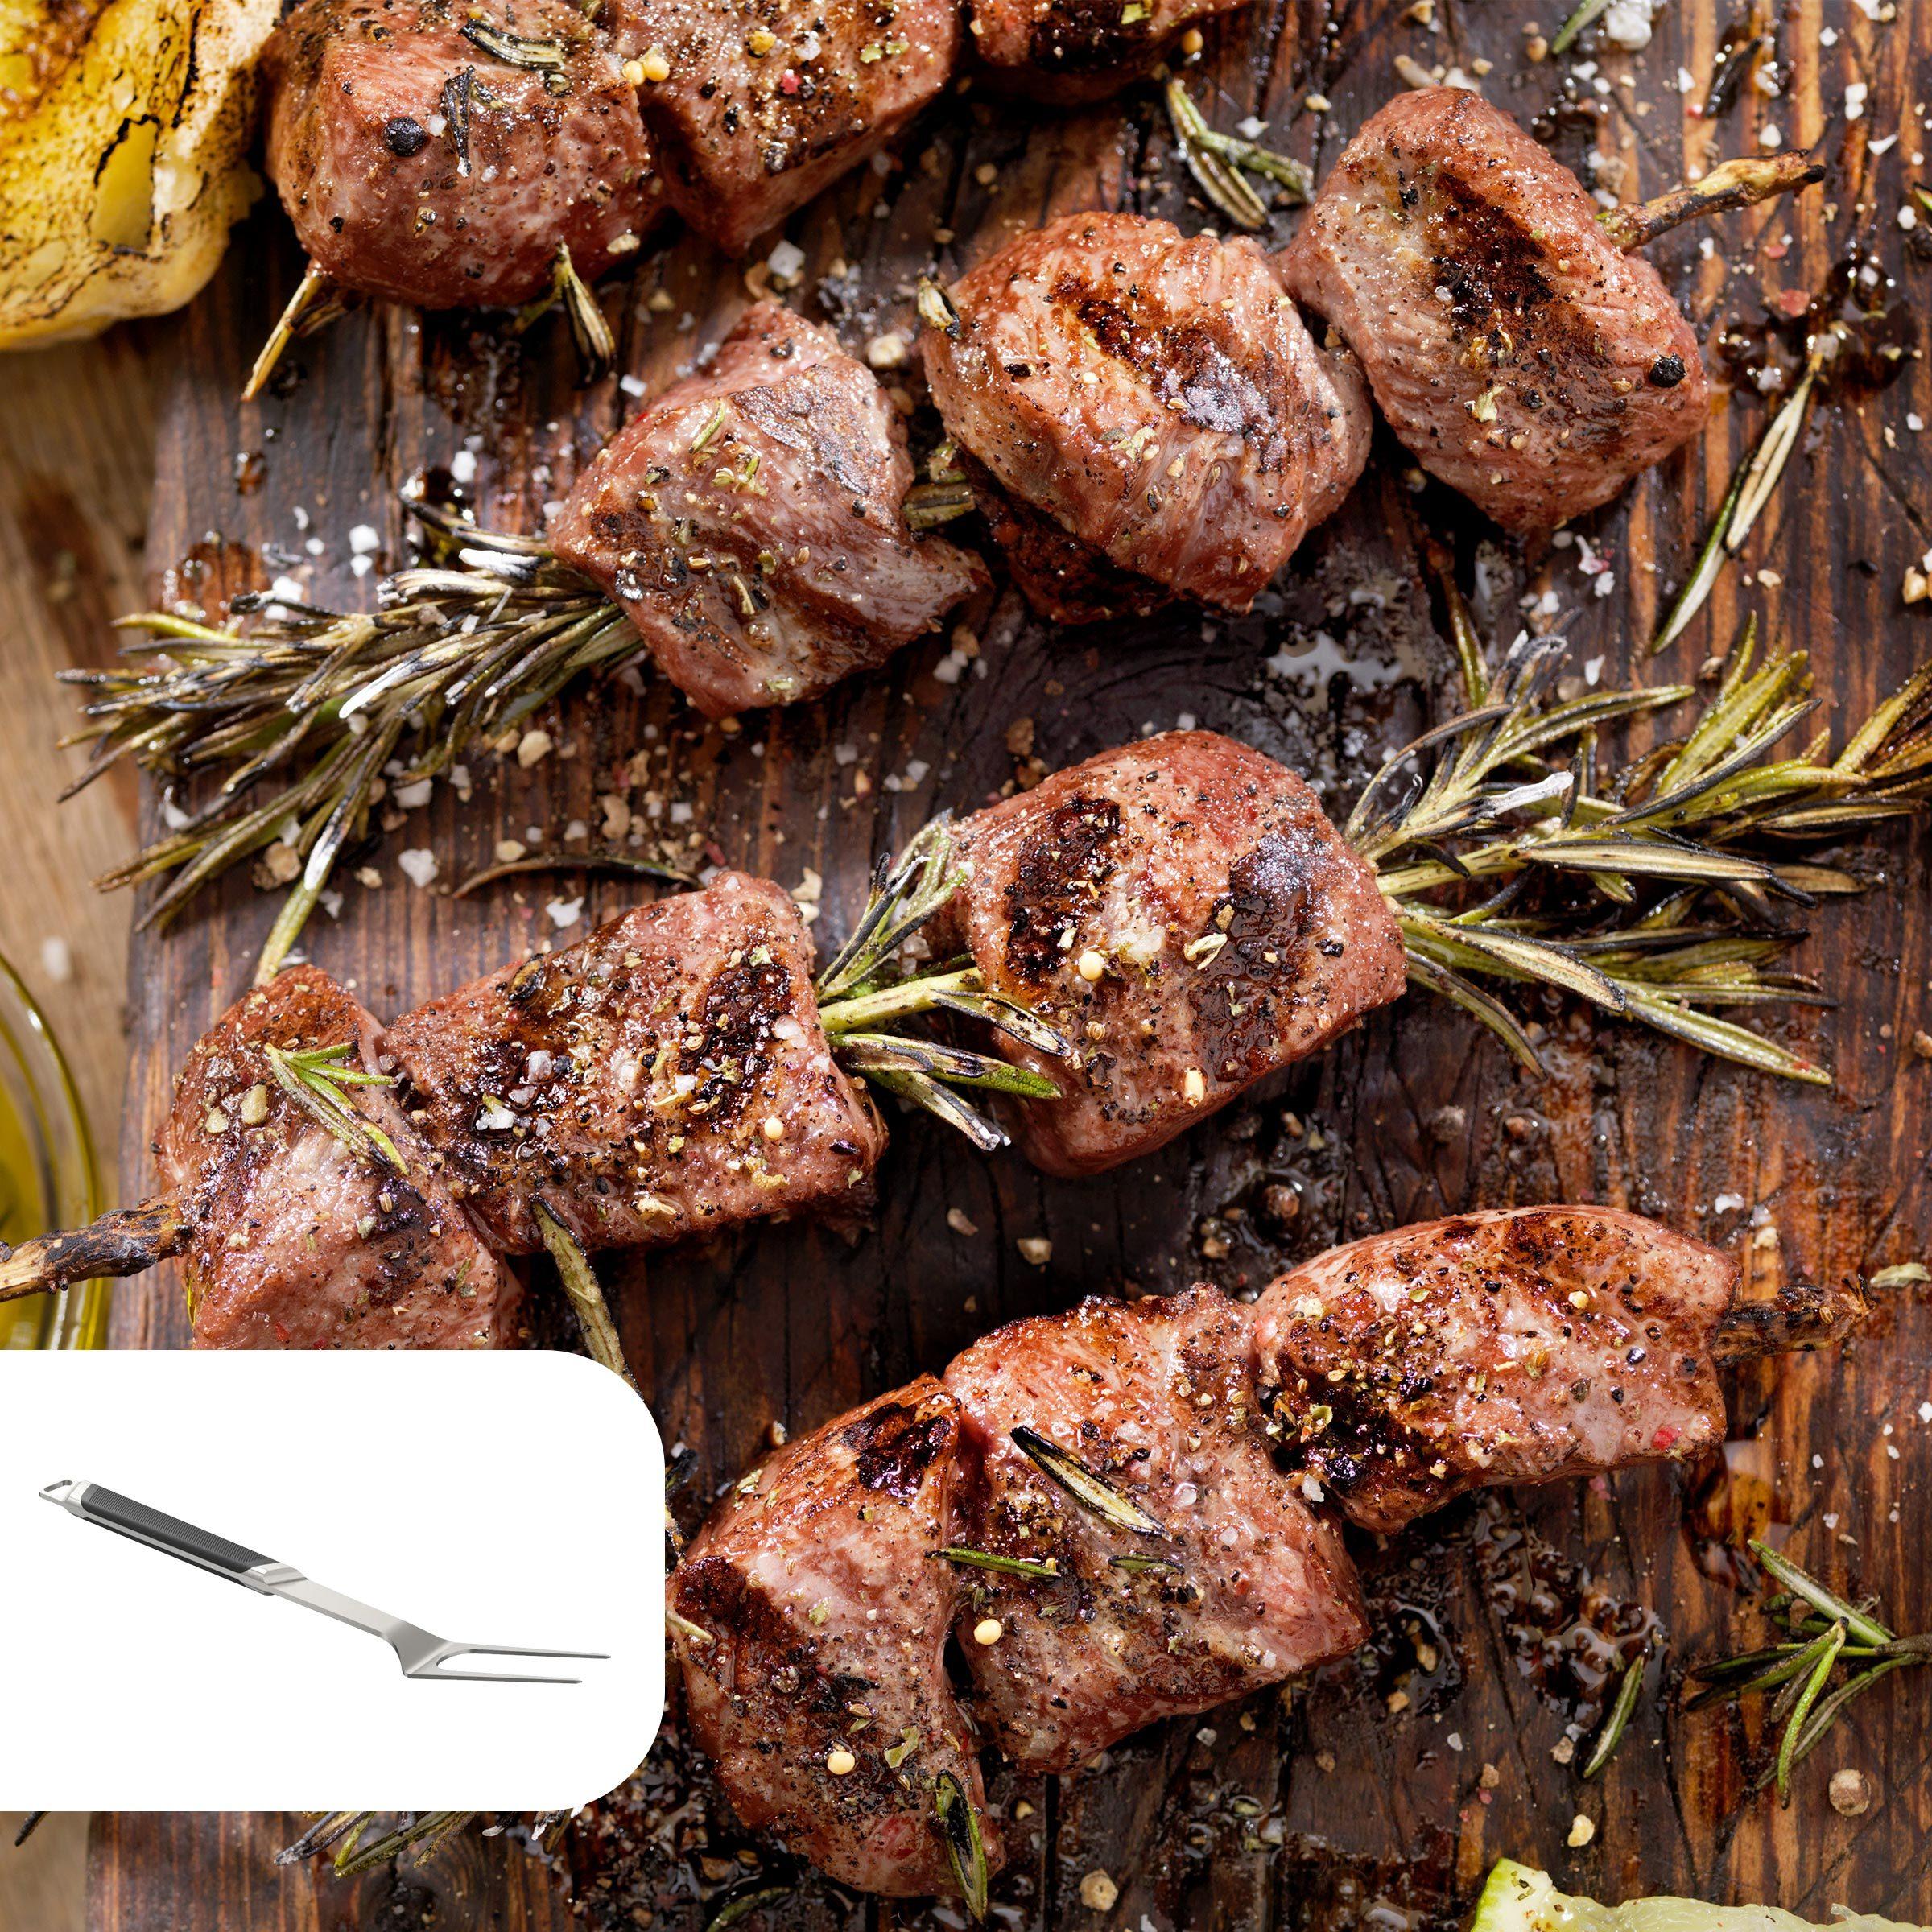 Brazilian steak